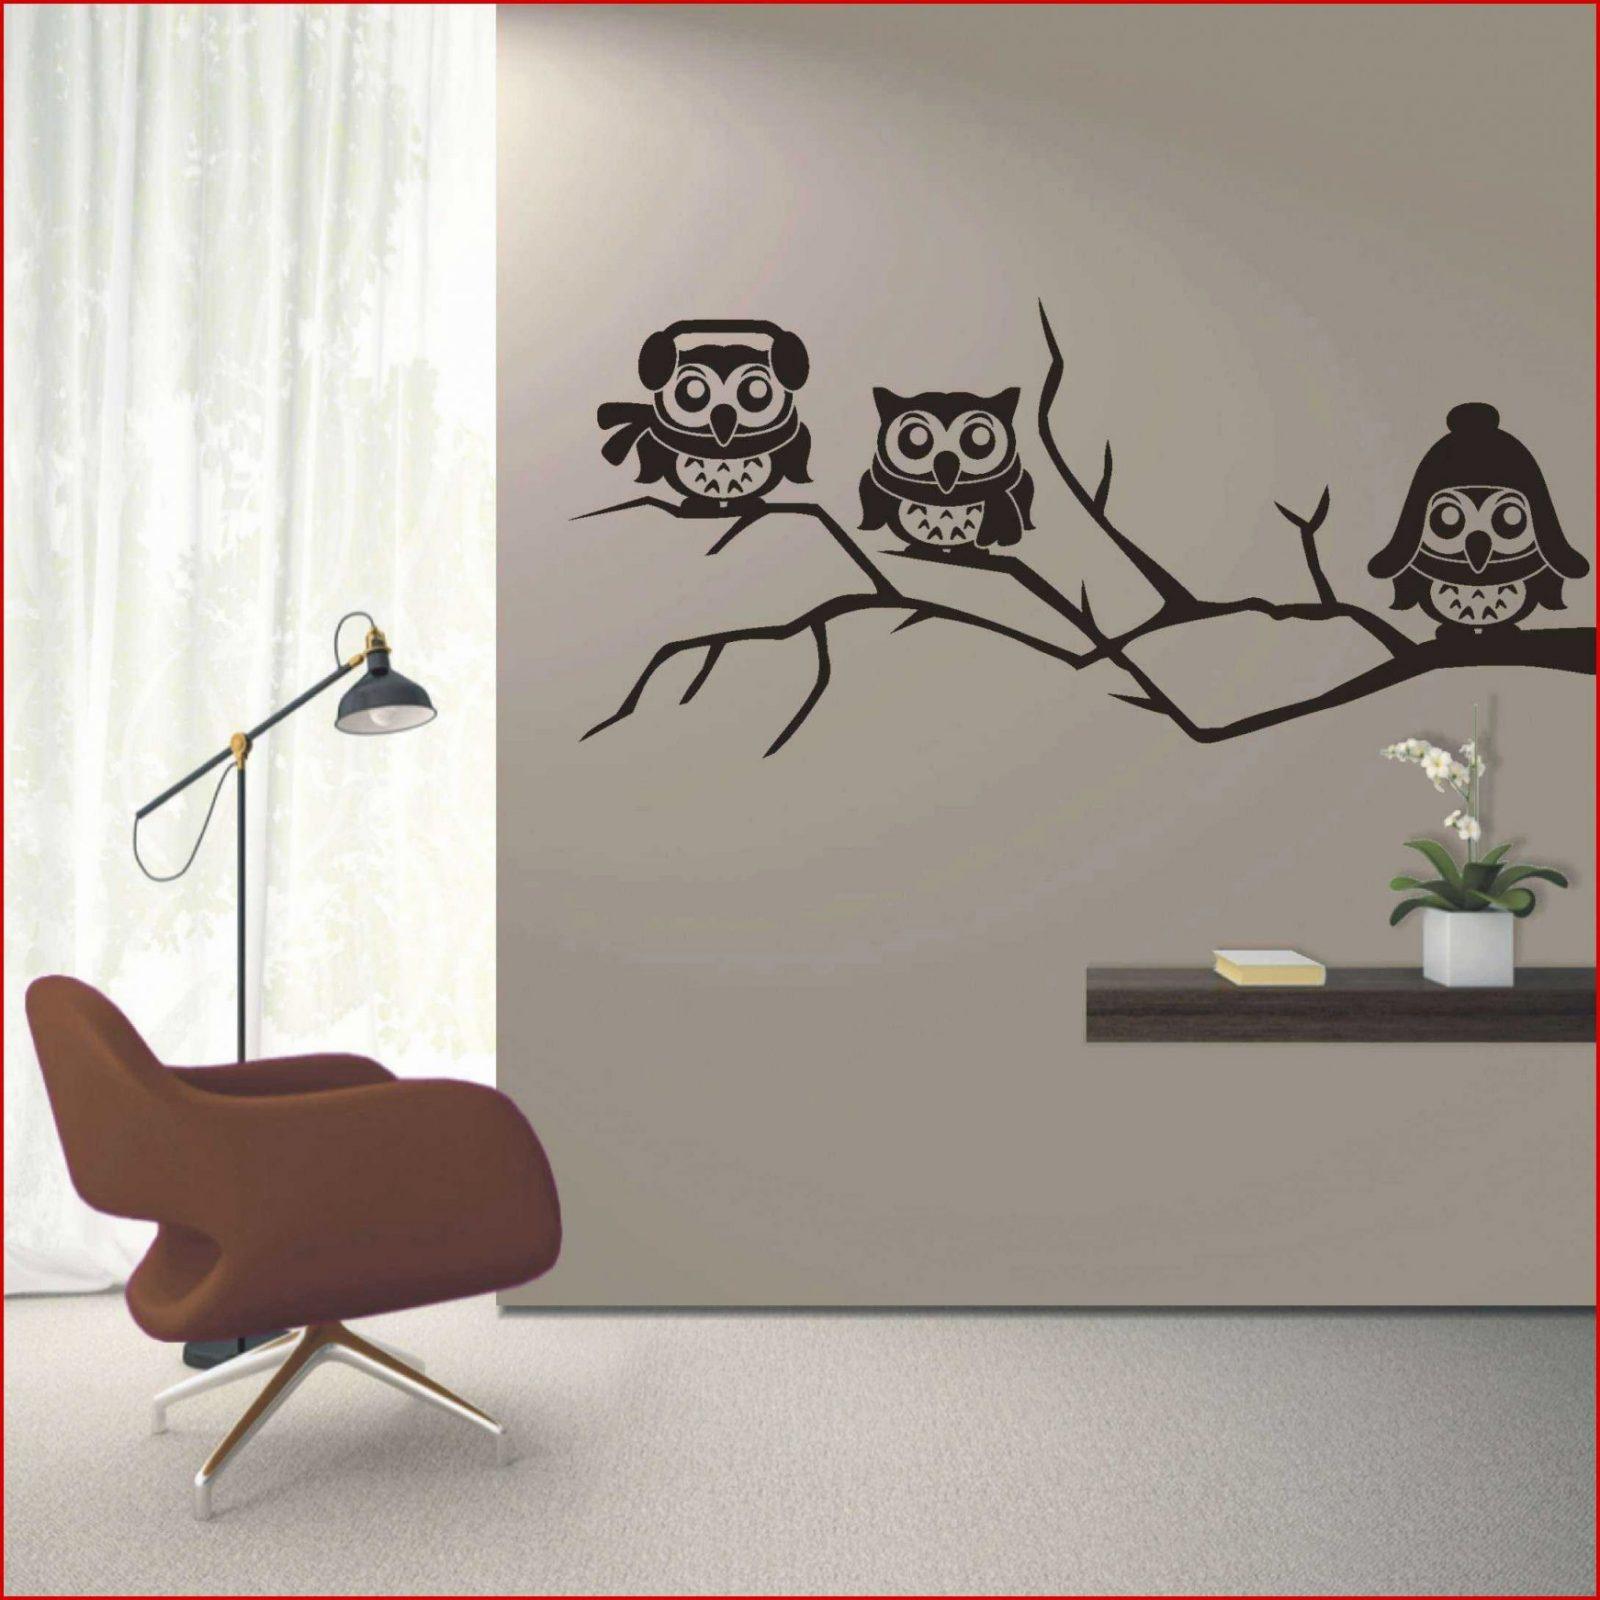 76 Bild Fotos Von Wandtattoo Eigenes Motiv Hochladen  Haus Ideen von Eigenes Foto Als Wandtattoo Photo